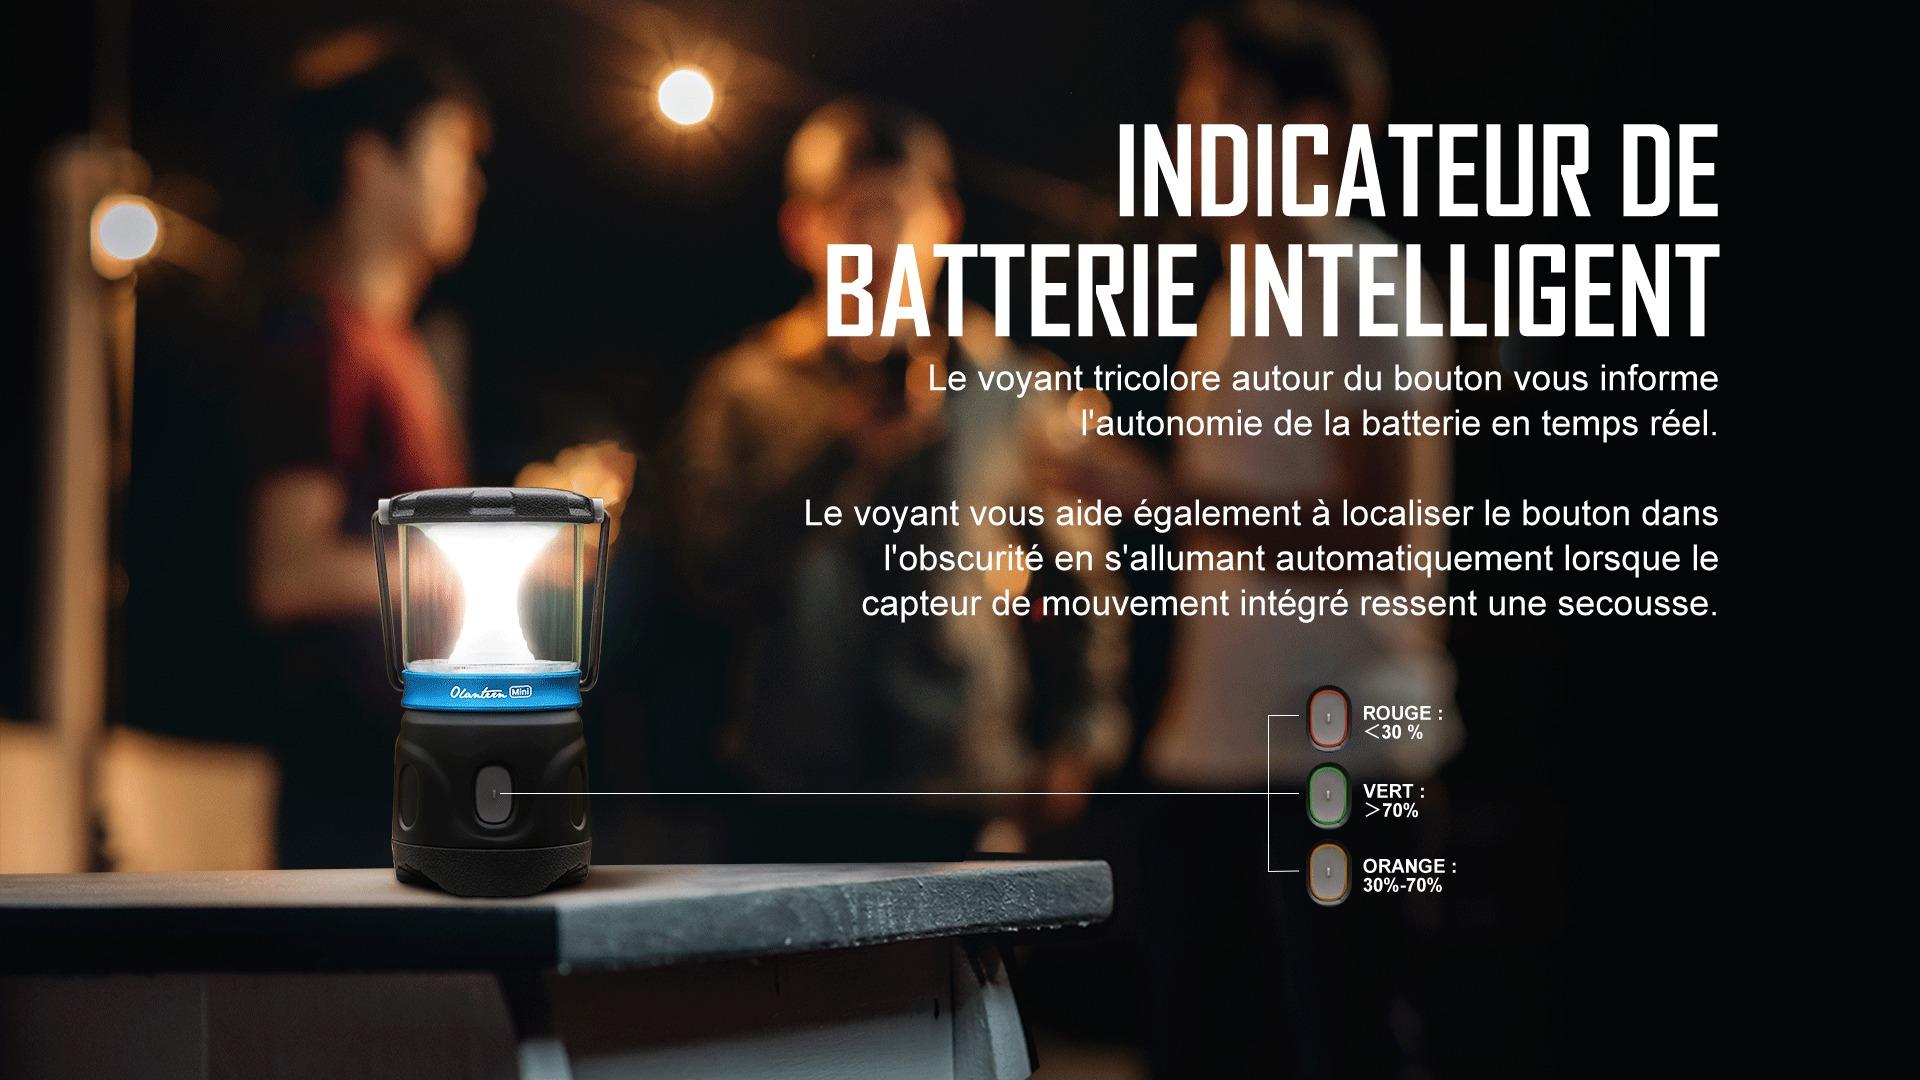 la lanterne de camping dispose d'un indicateur de batterie intelligent